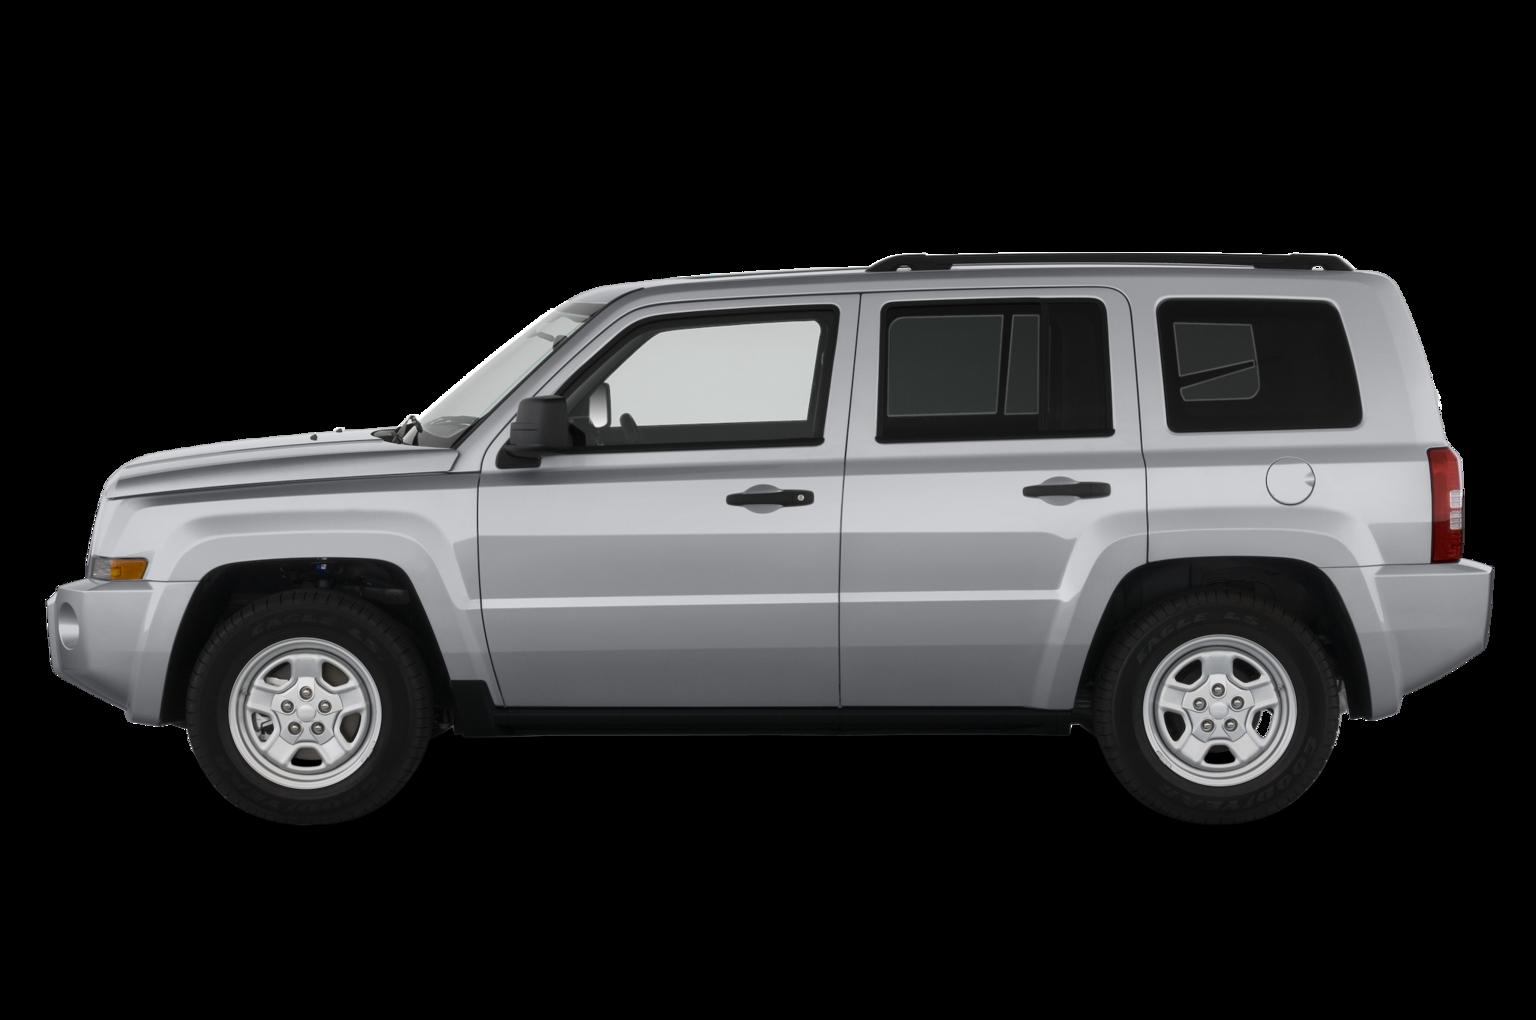 jeep patriot suv mk gebrauchtwagen neuwagen kaufen. Black Bedroom Furniture Sets. Home Design Ideas